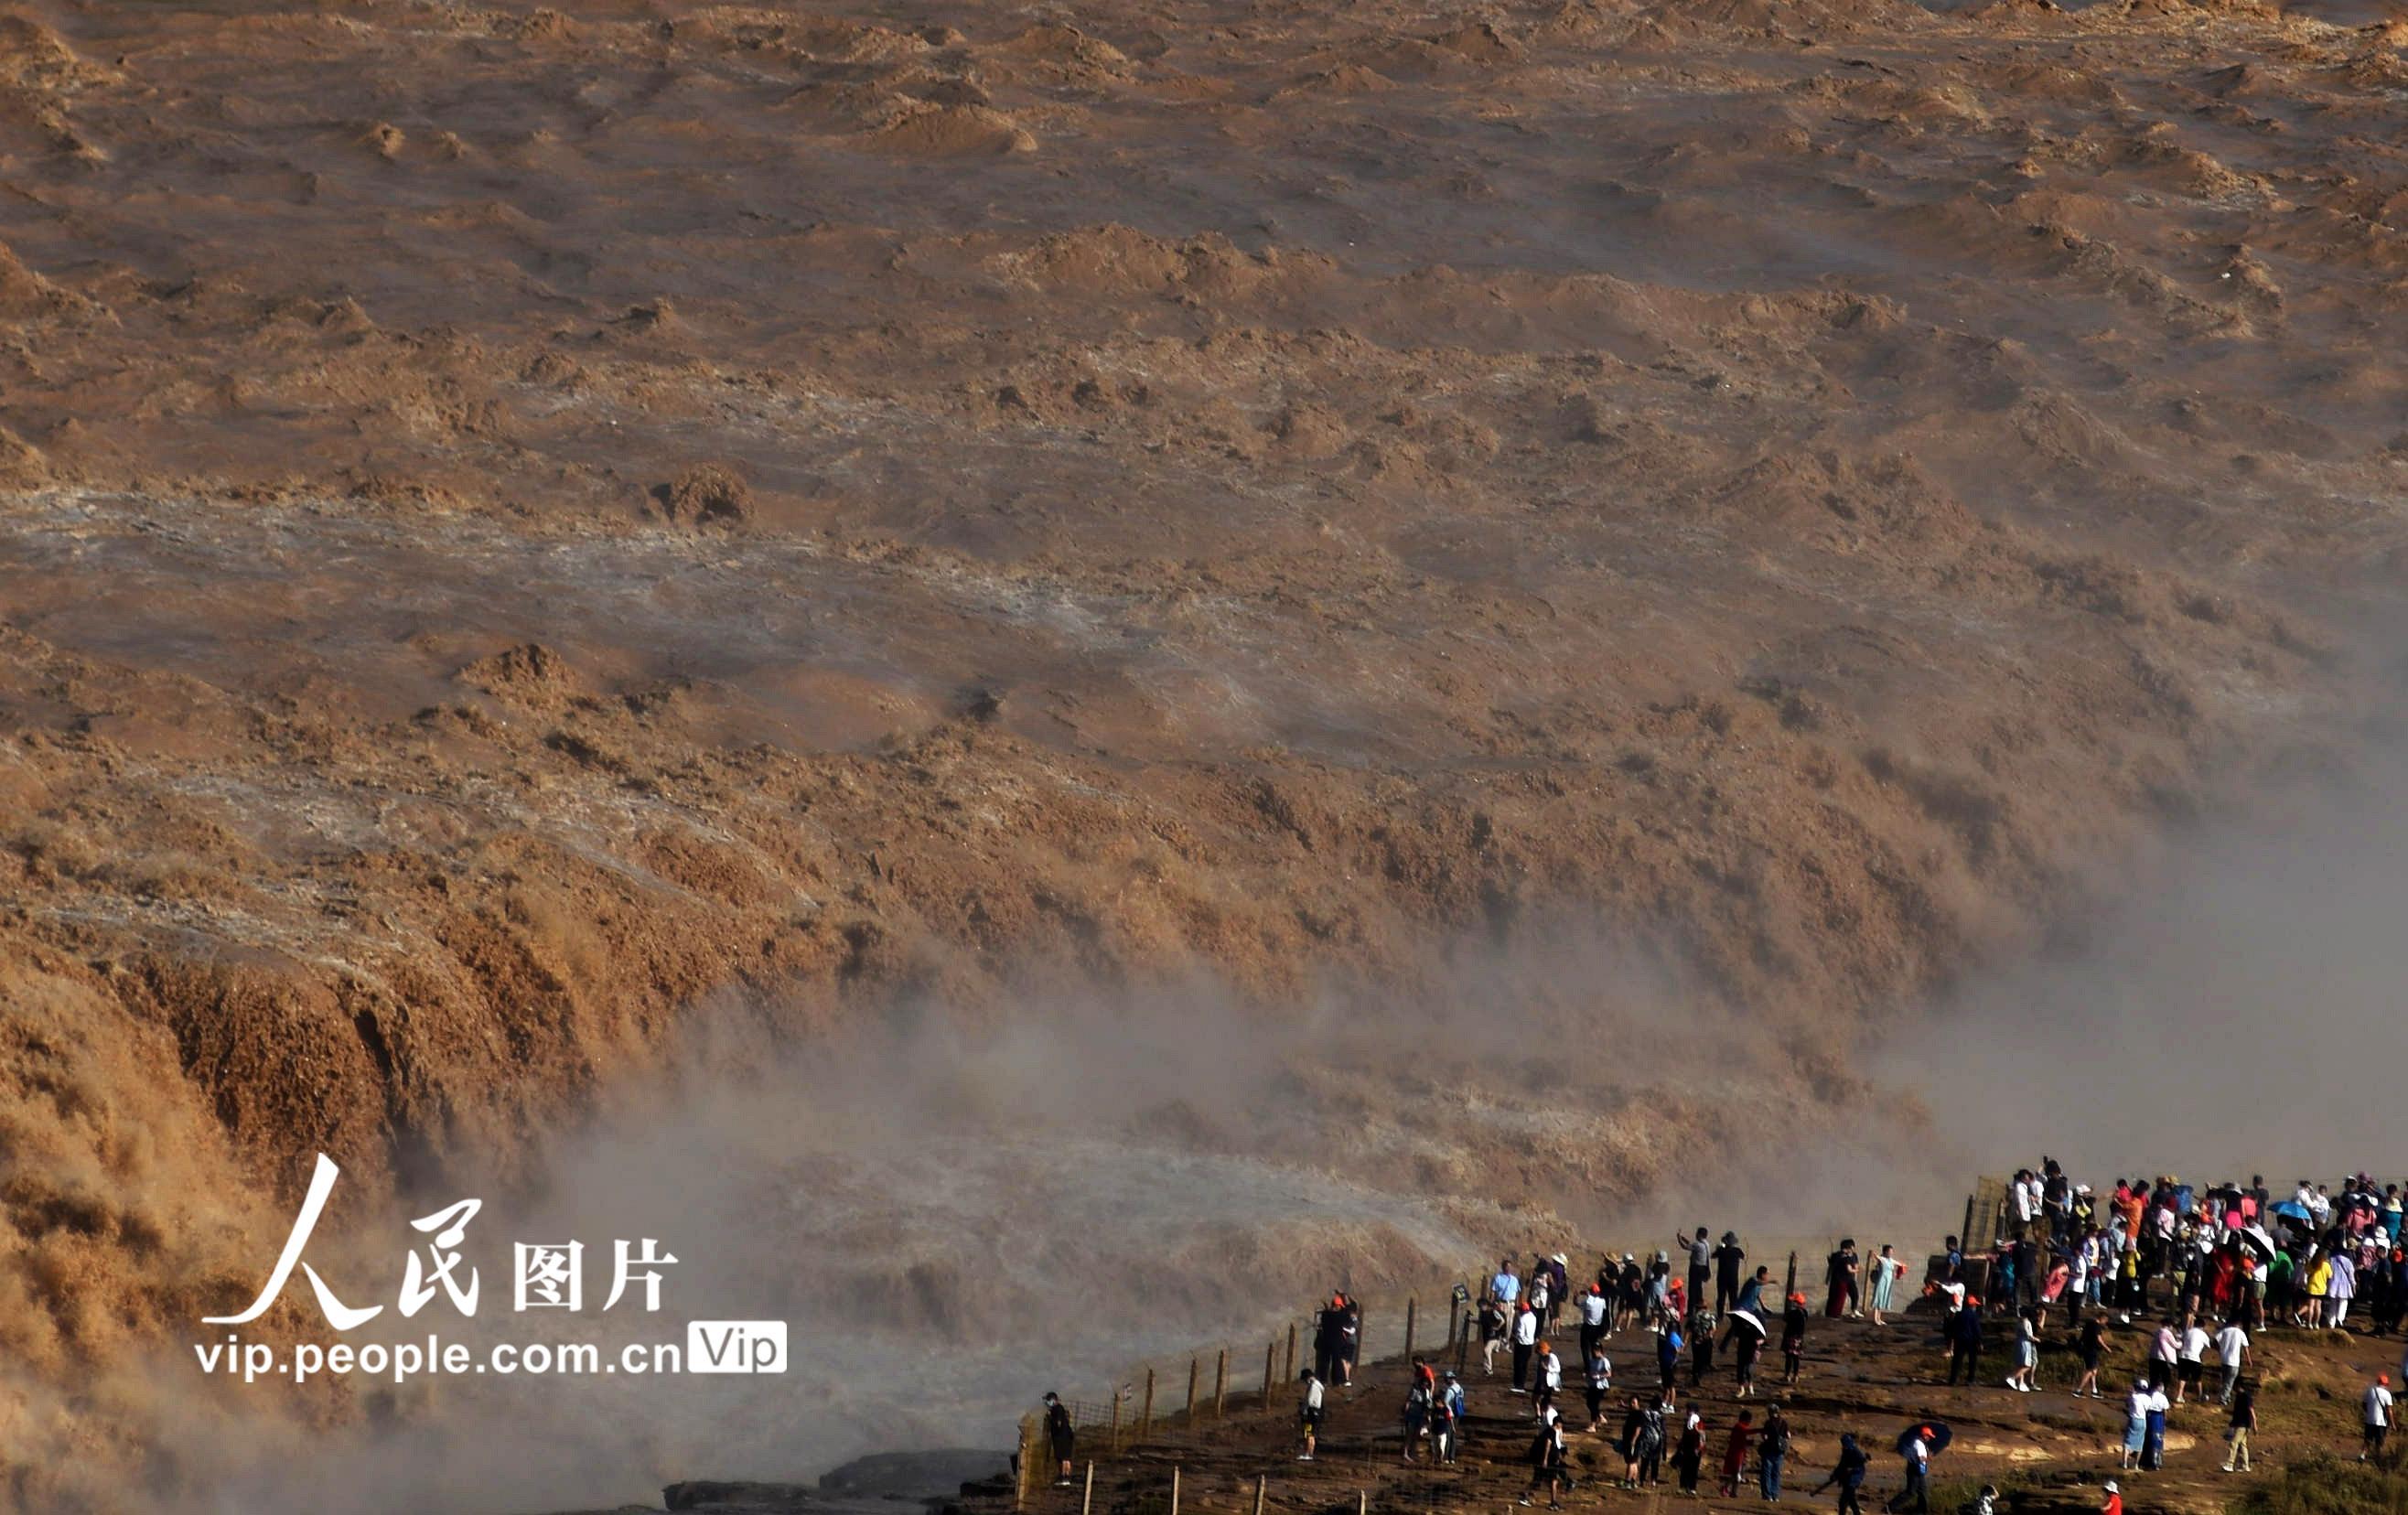 山西吉县:黄河壶口瀑布洪峰过后开放迎客